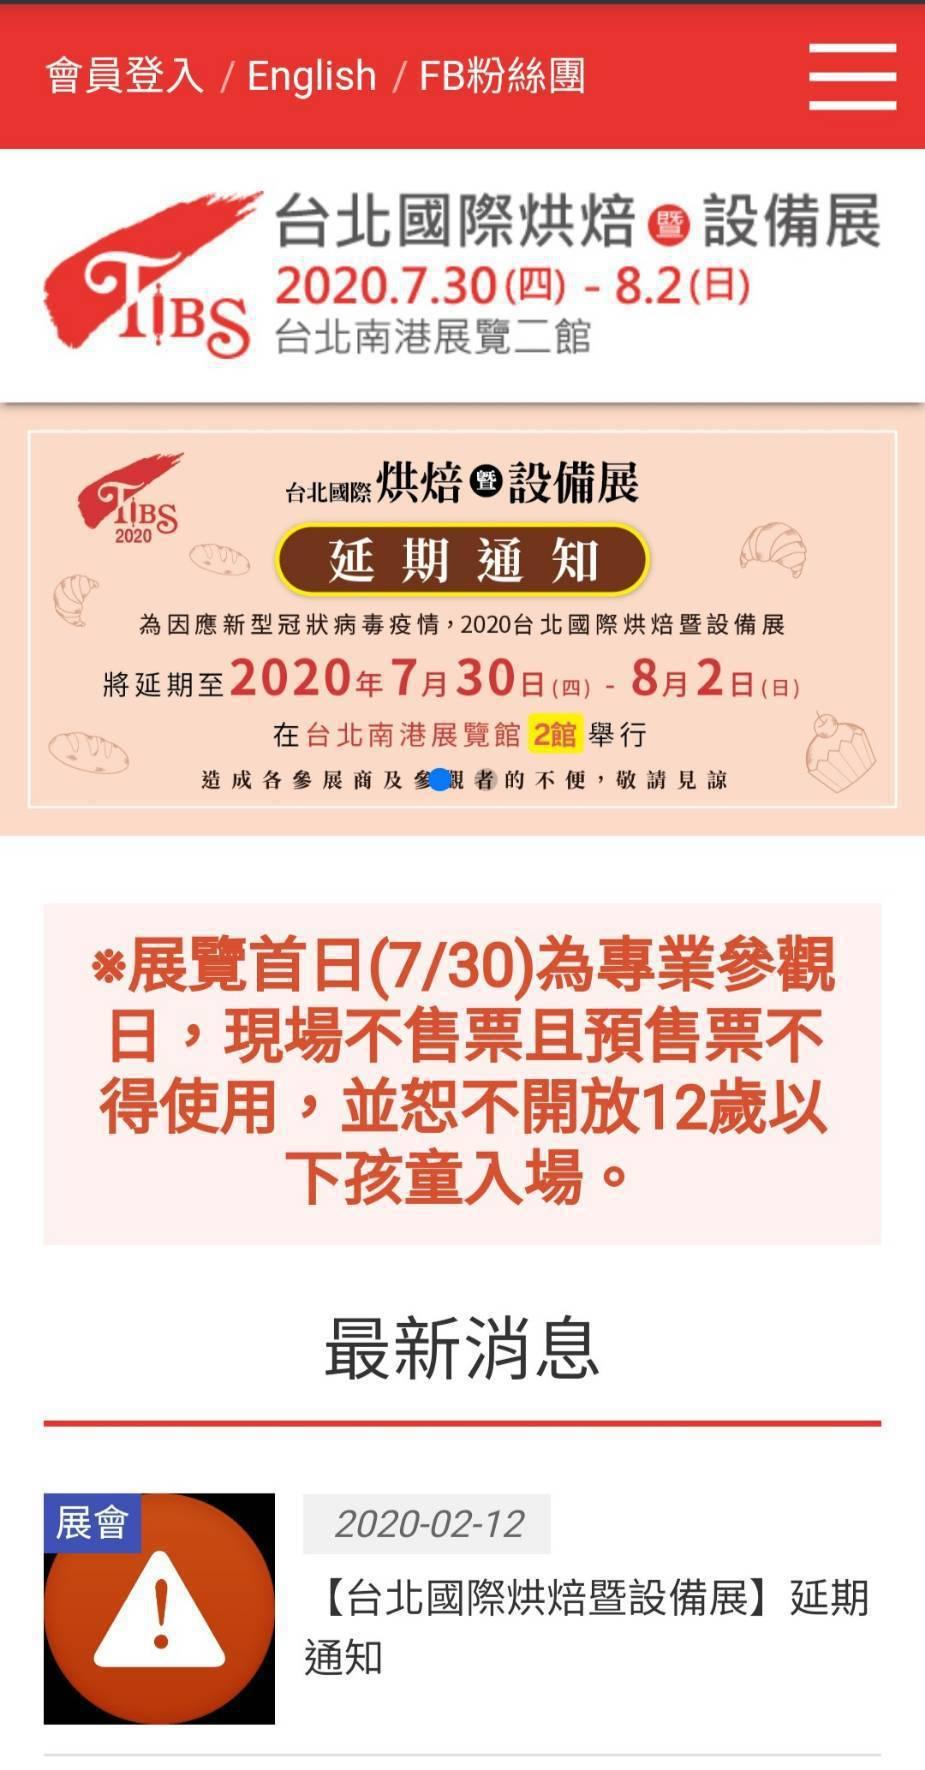 由糕餅同業公會主辦的台北國際烘焙暨設備展因疫情影響,從今年3月延期至7月底,此為官網訊息。 圖/翻攝台北國際烘焙暨設備展官網